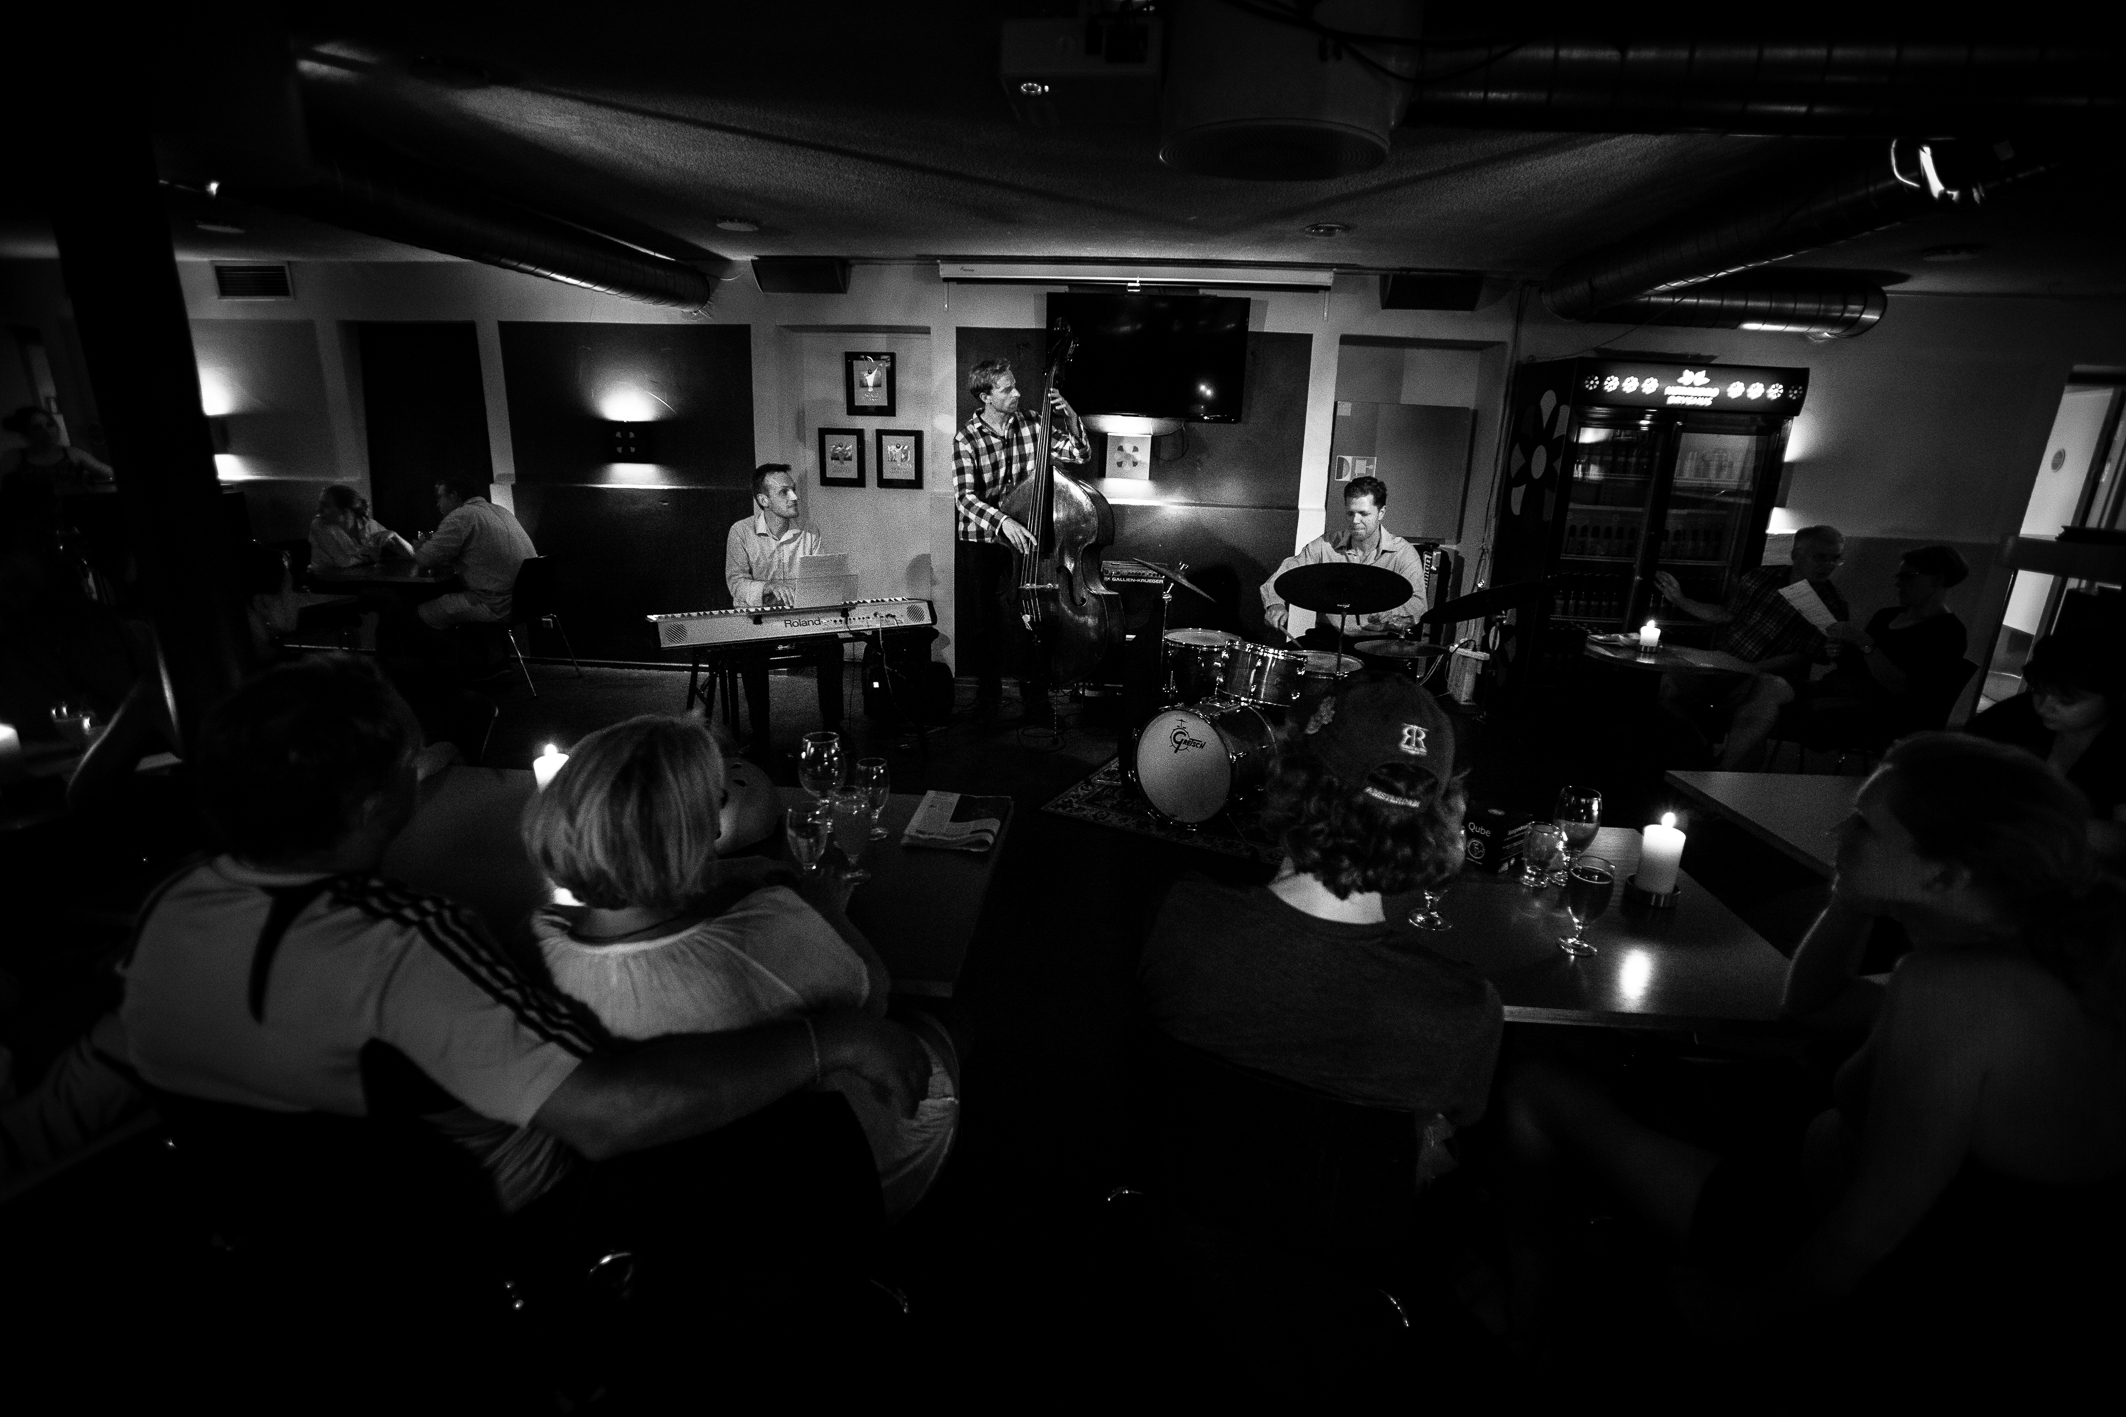 The Blue Hour spiller ved Københavns jazzfestival